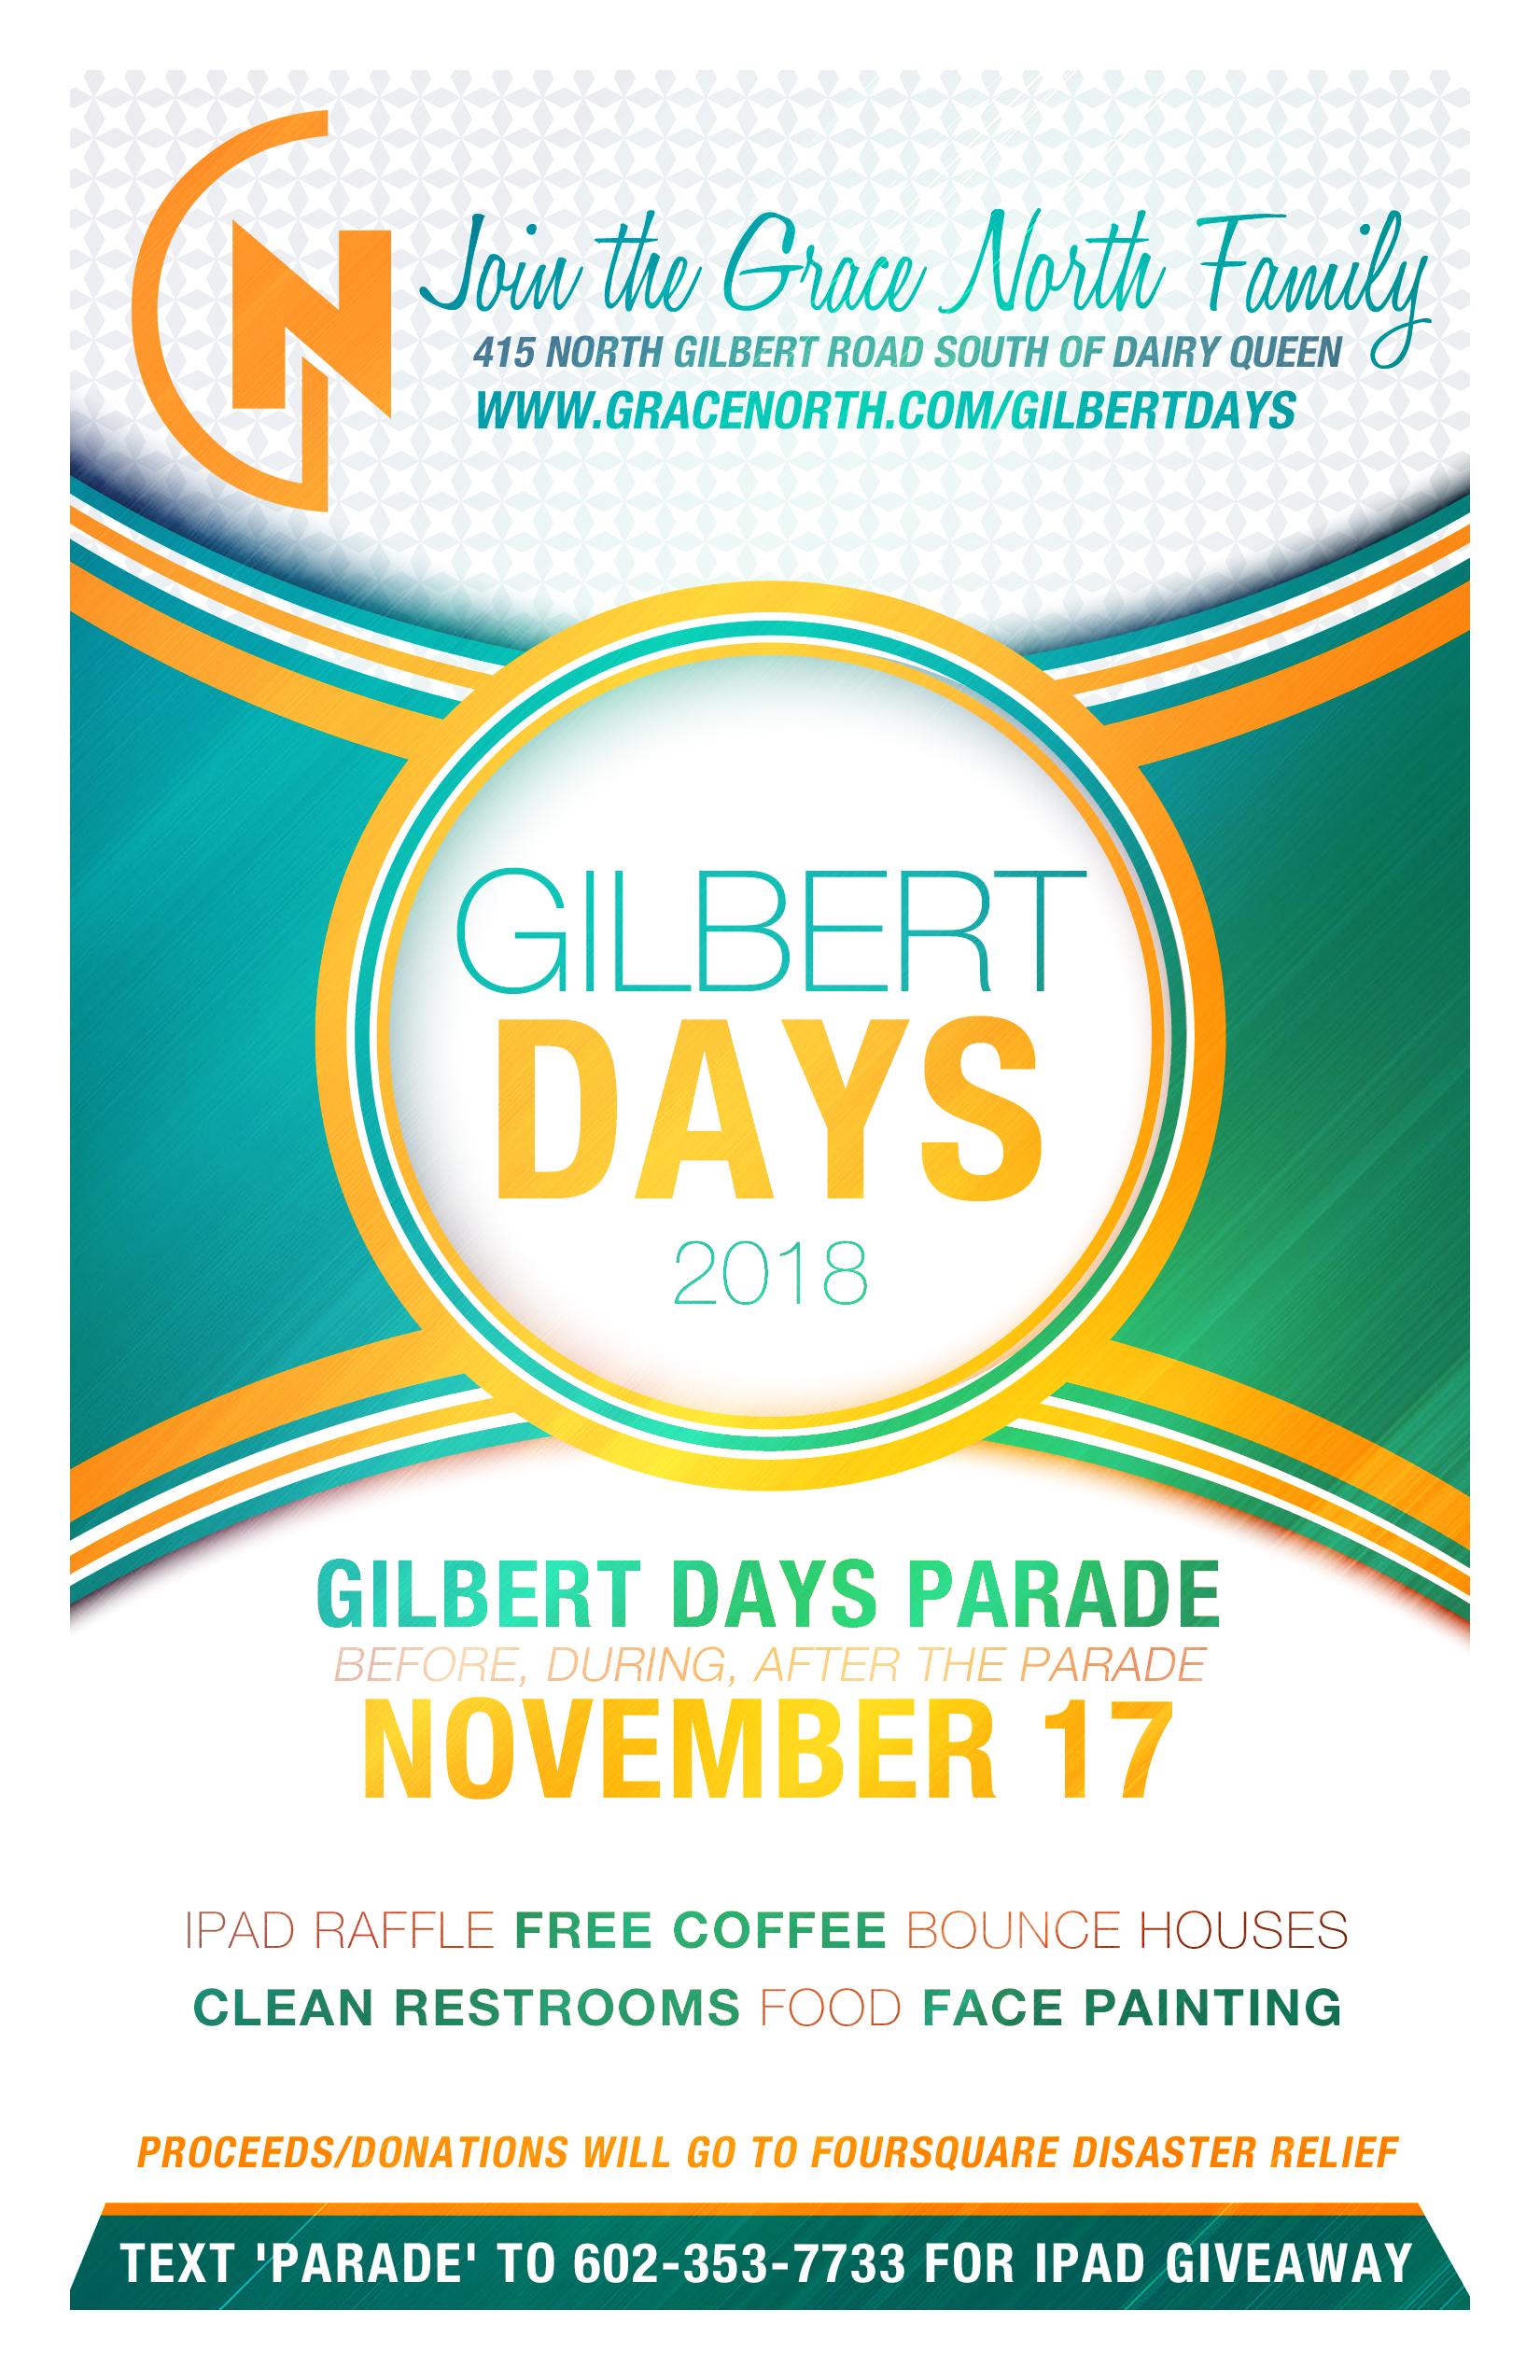 GilbertDays2018.jpg